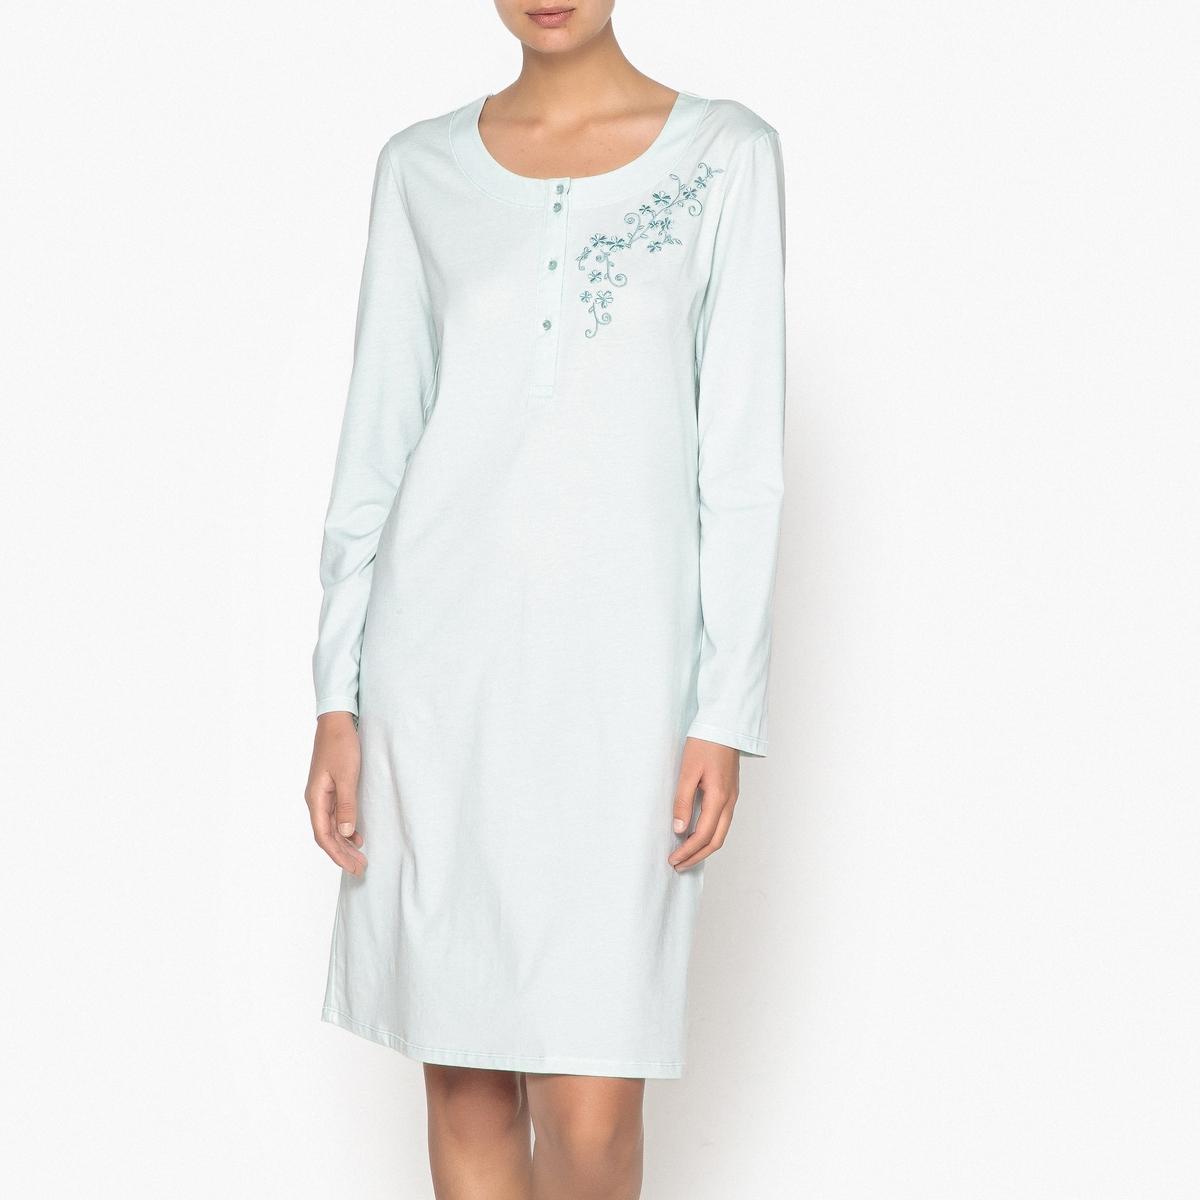 Camisa de dormir em algodão, detalhe bordado